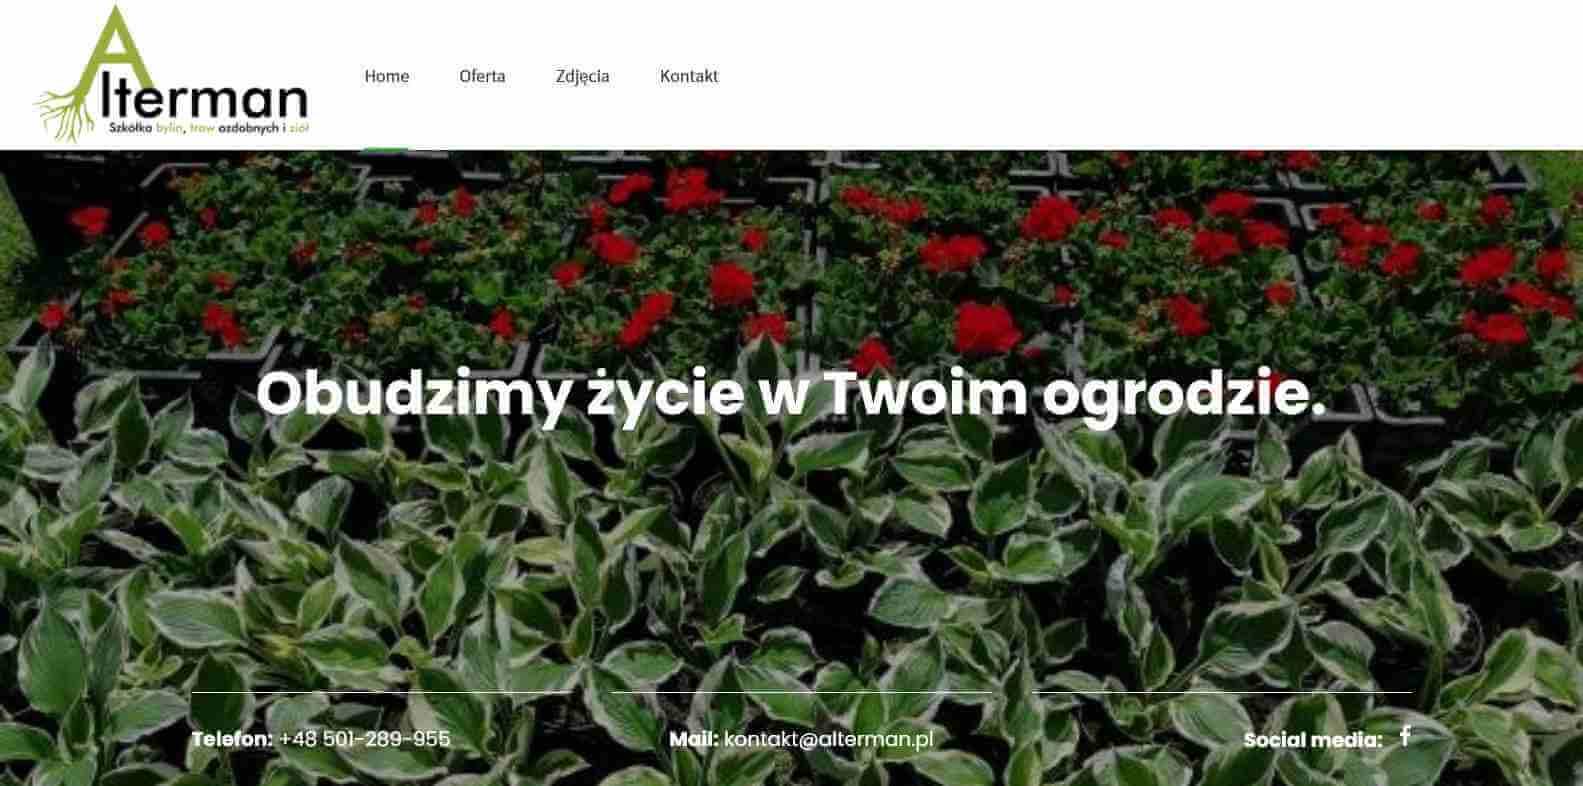 01_Home - Alterman - Szkółka bylin, traw ozdobnych i ziół